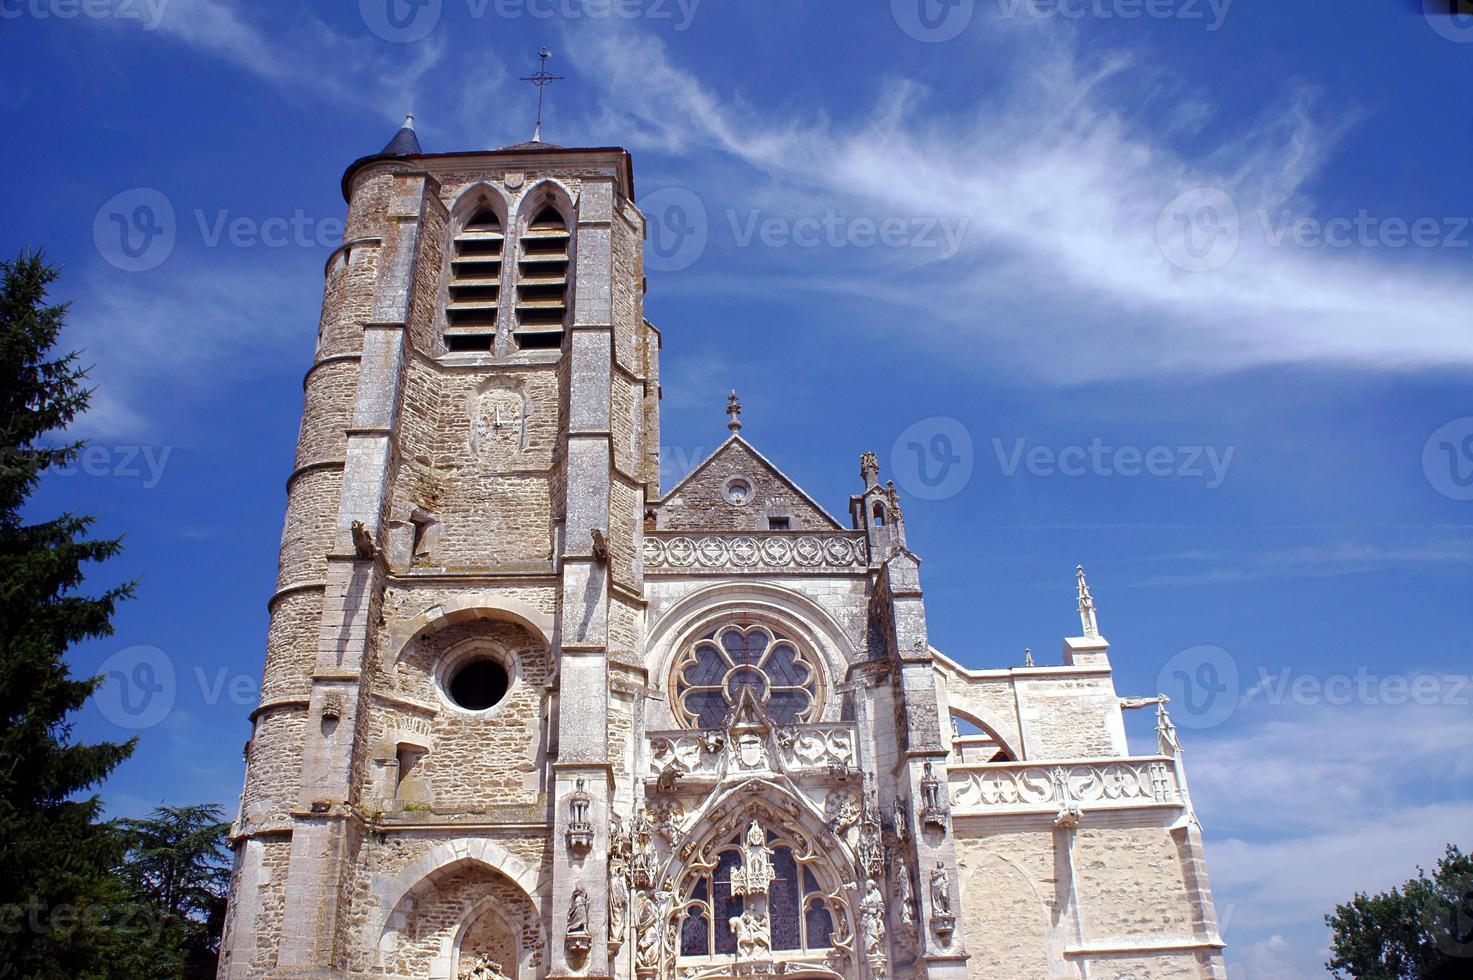 église paroissiale médiévale photo